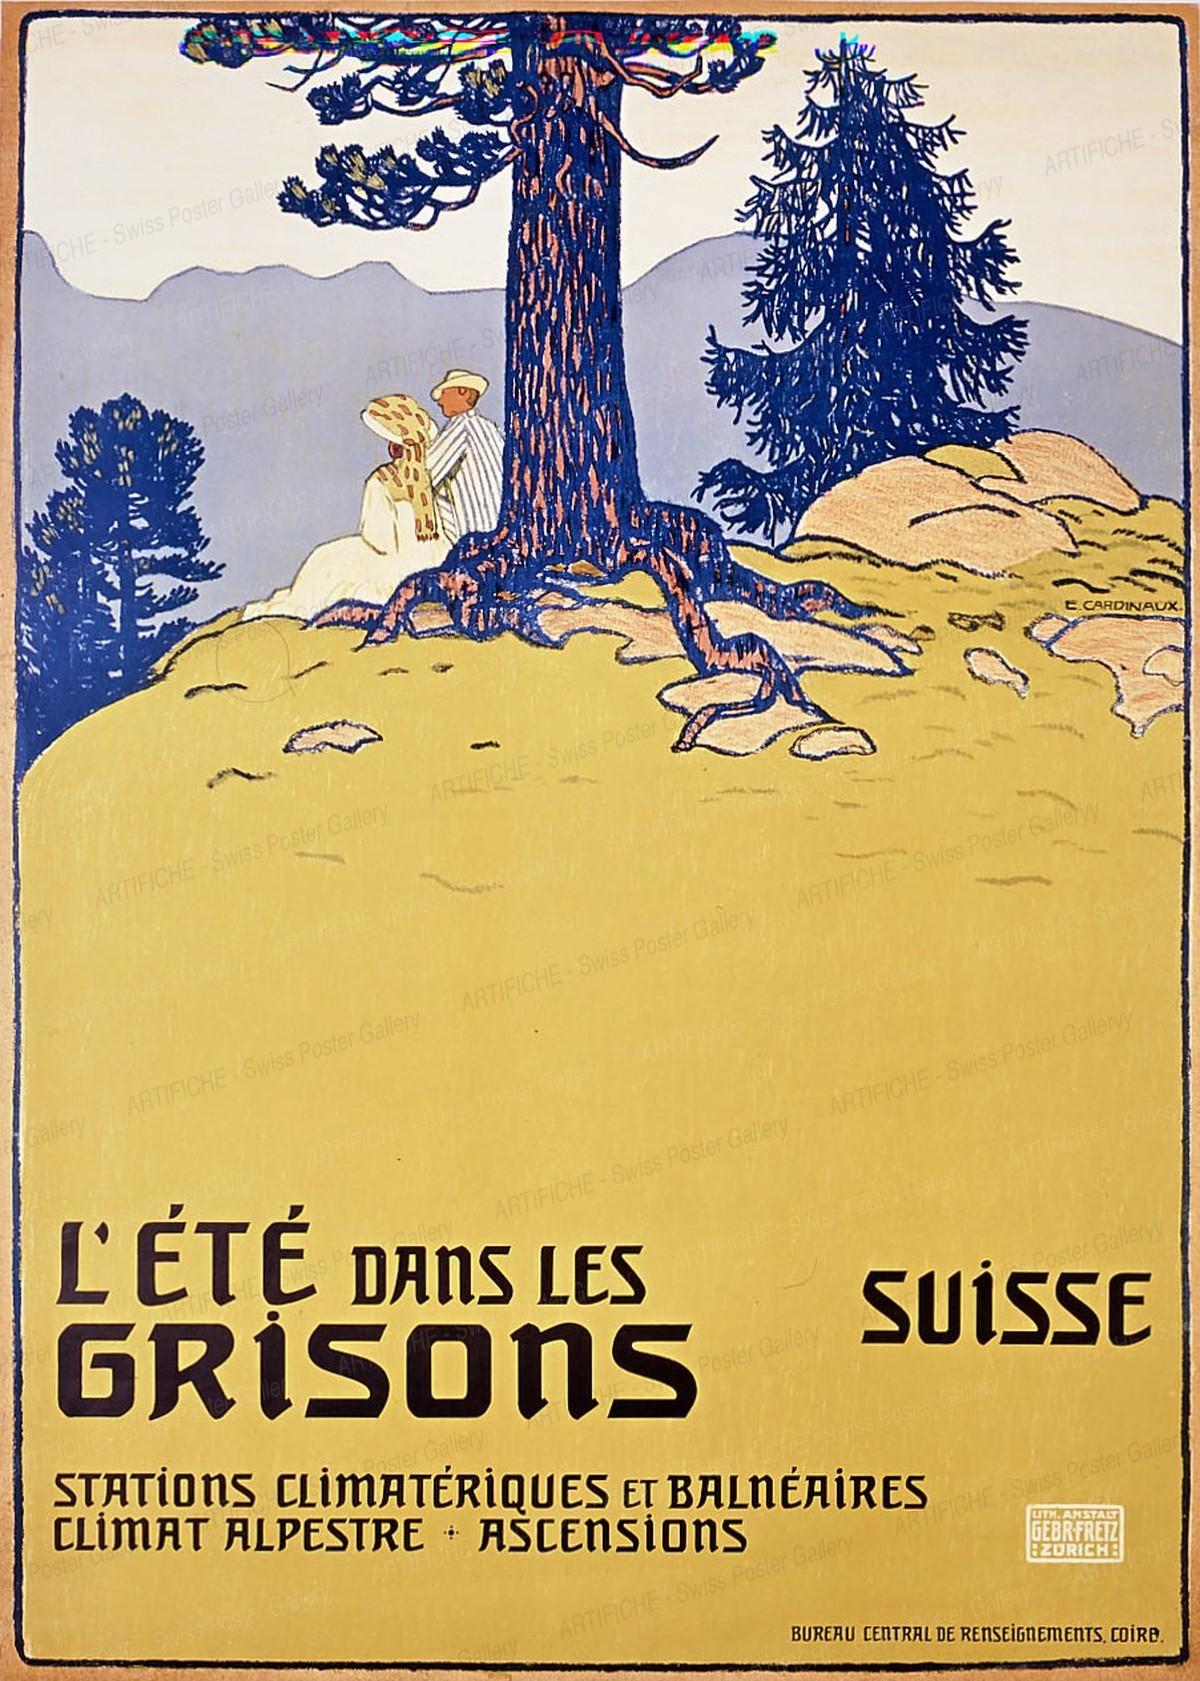 L'ÉTÉ DANS LES GRISONS – SUISSE, Emil Cardinaux